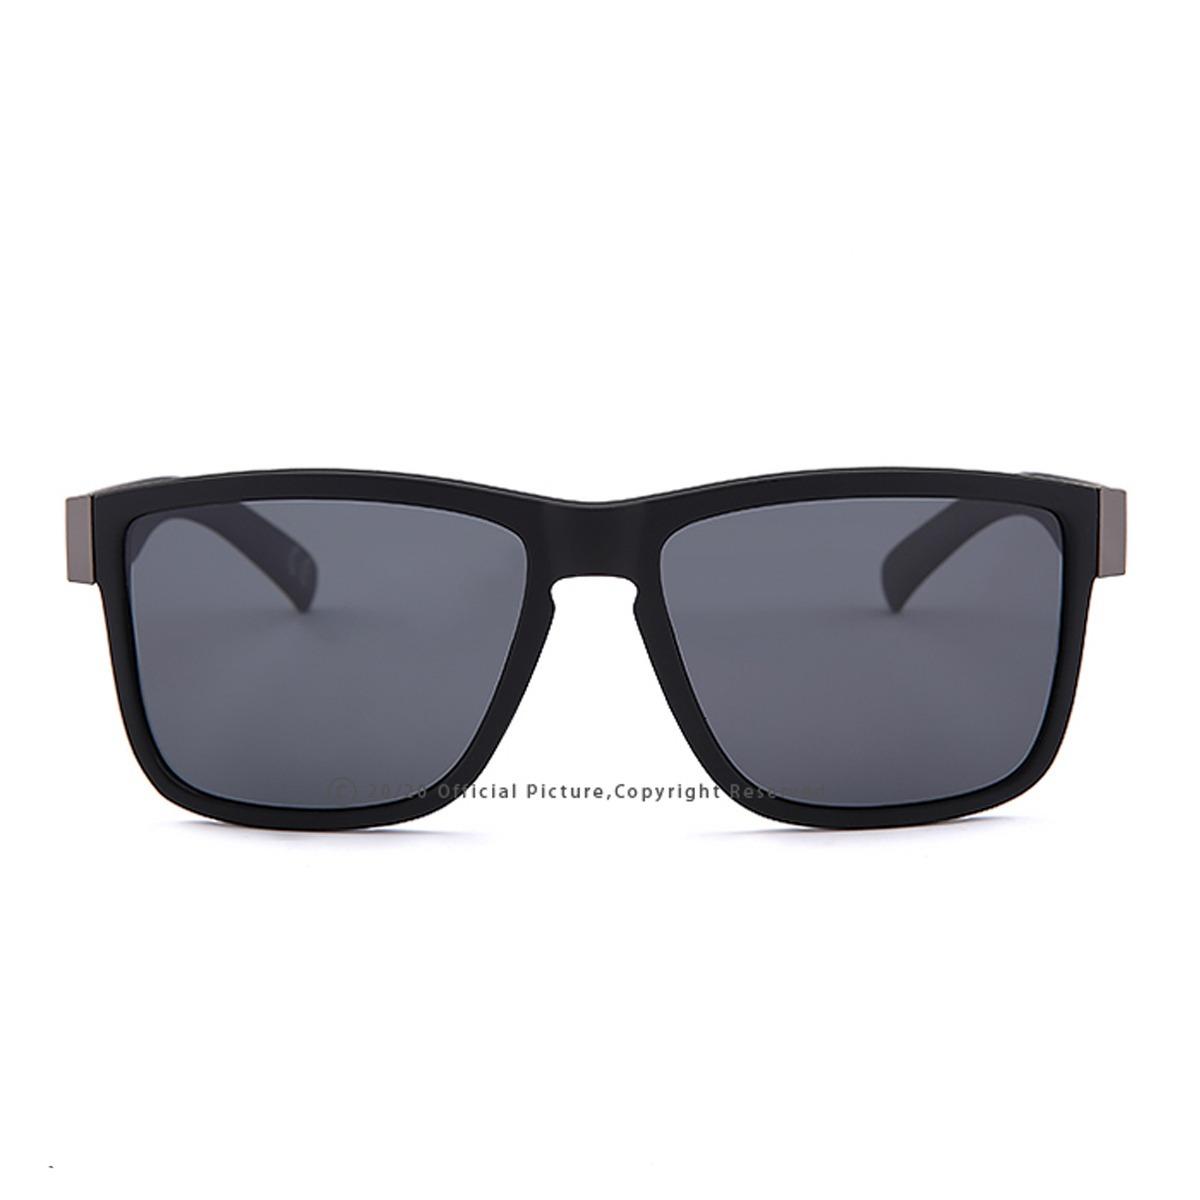 c7fb098bee6a7 oculos grife solar feminino 20 20 oculos espelhado original. Carregando zoom .